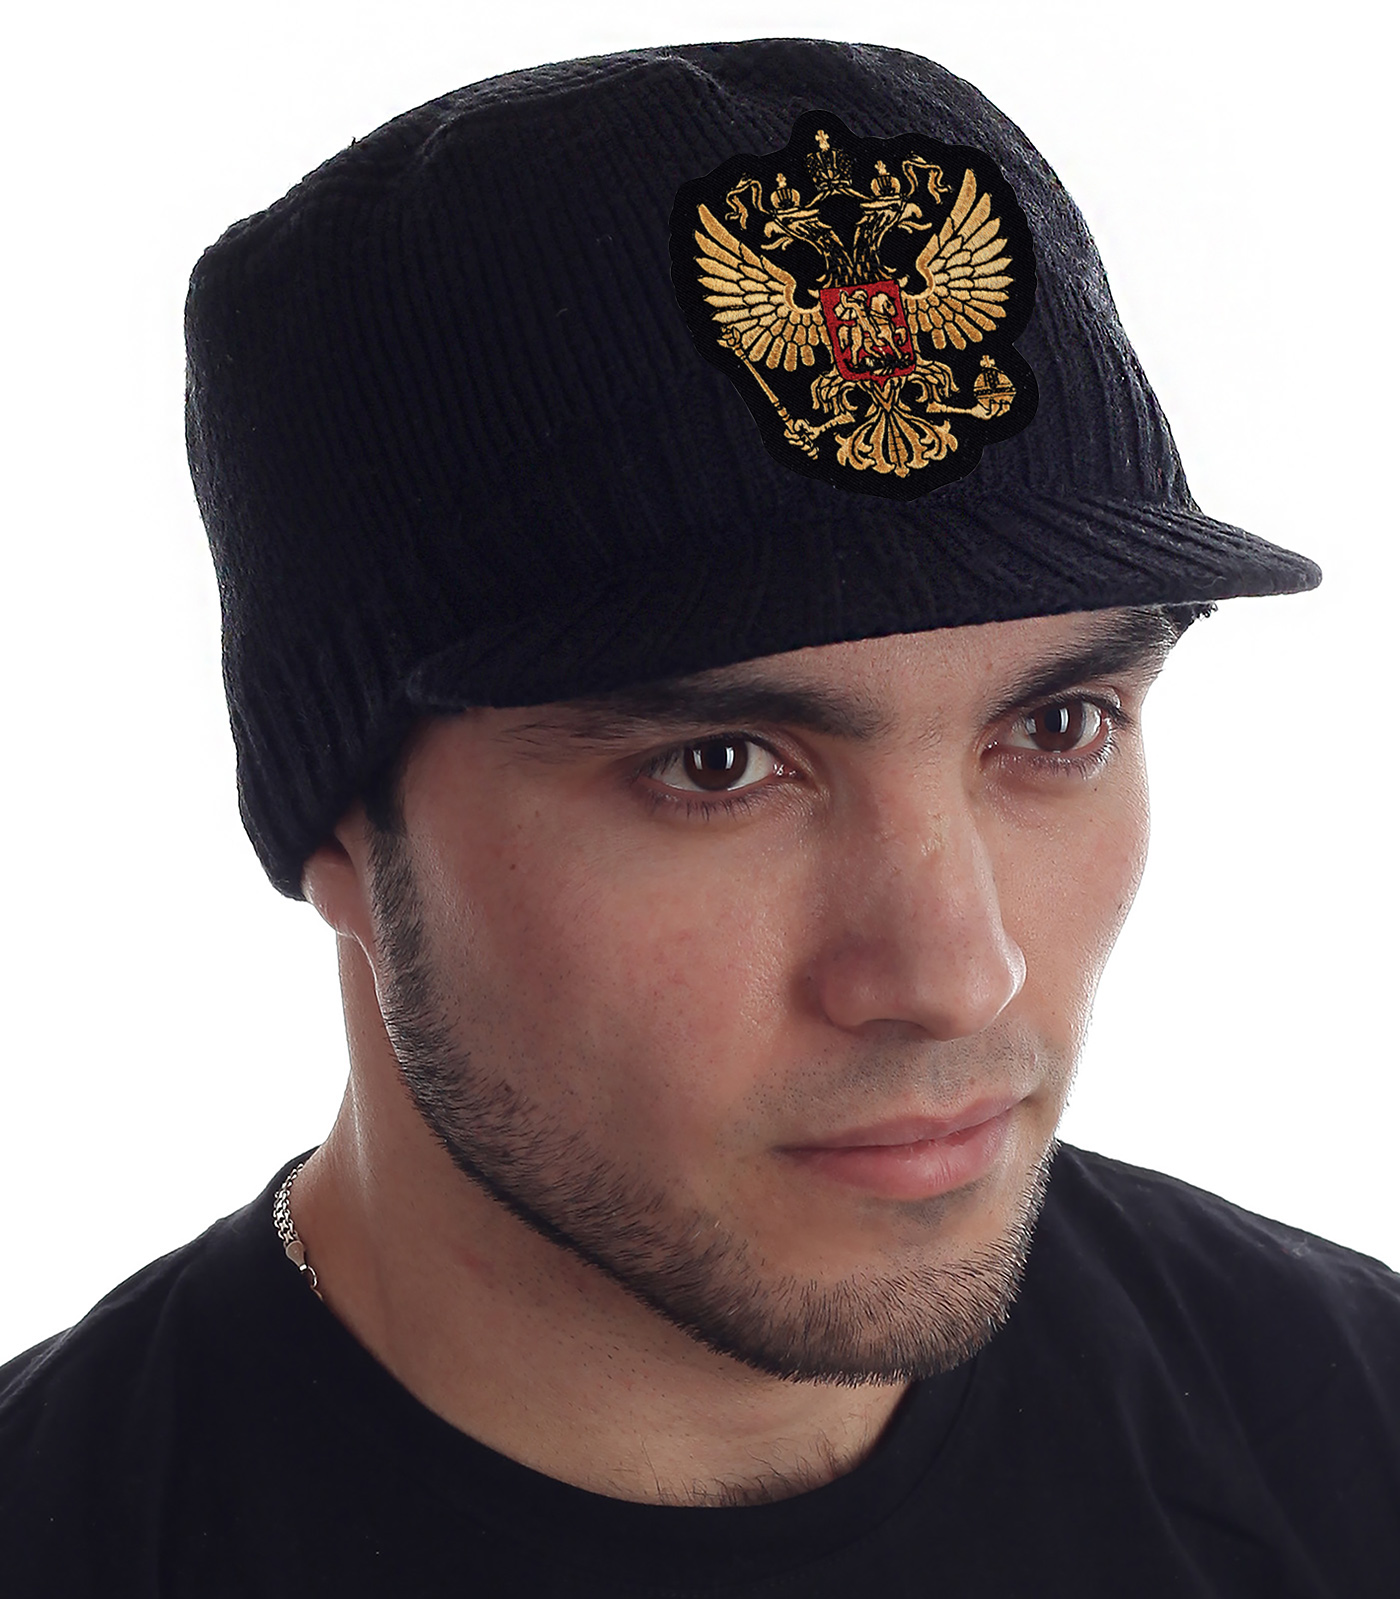 Купить брендовую шапку для мужчины. Все модели в наличии!